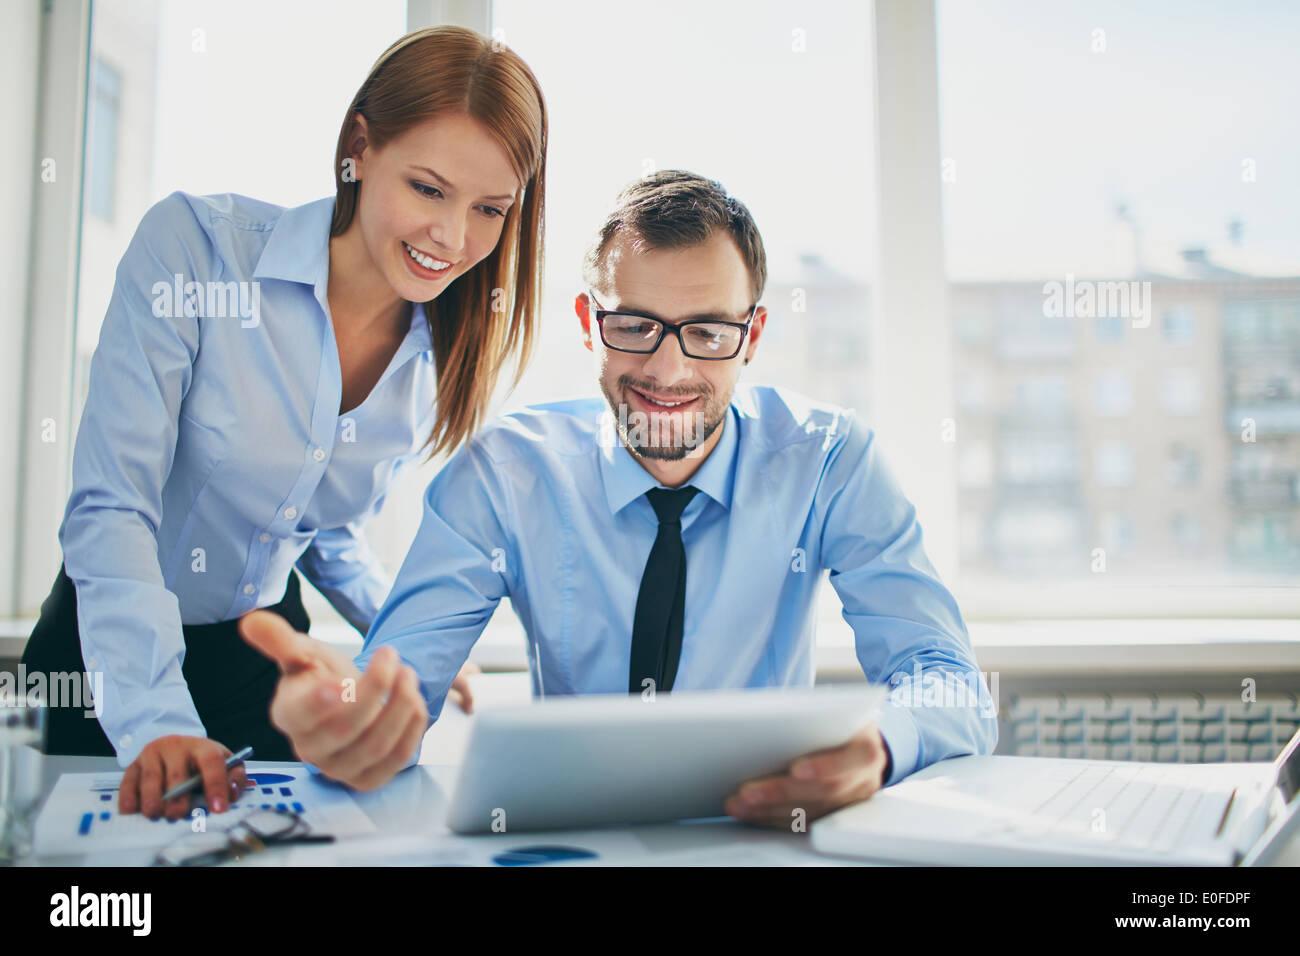 Bild von zwei erfolgreichen Geschäftspartnern arbeiten bei Treffen im Büro Stockbild